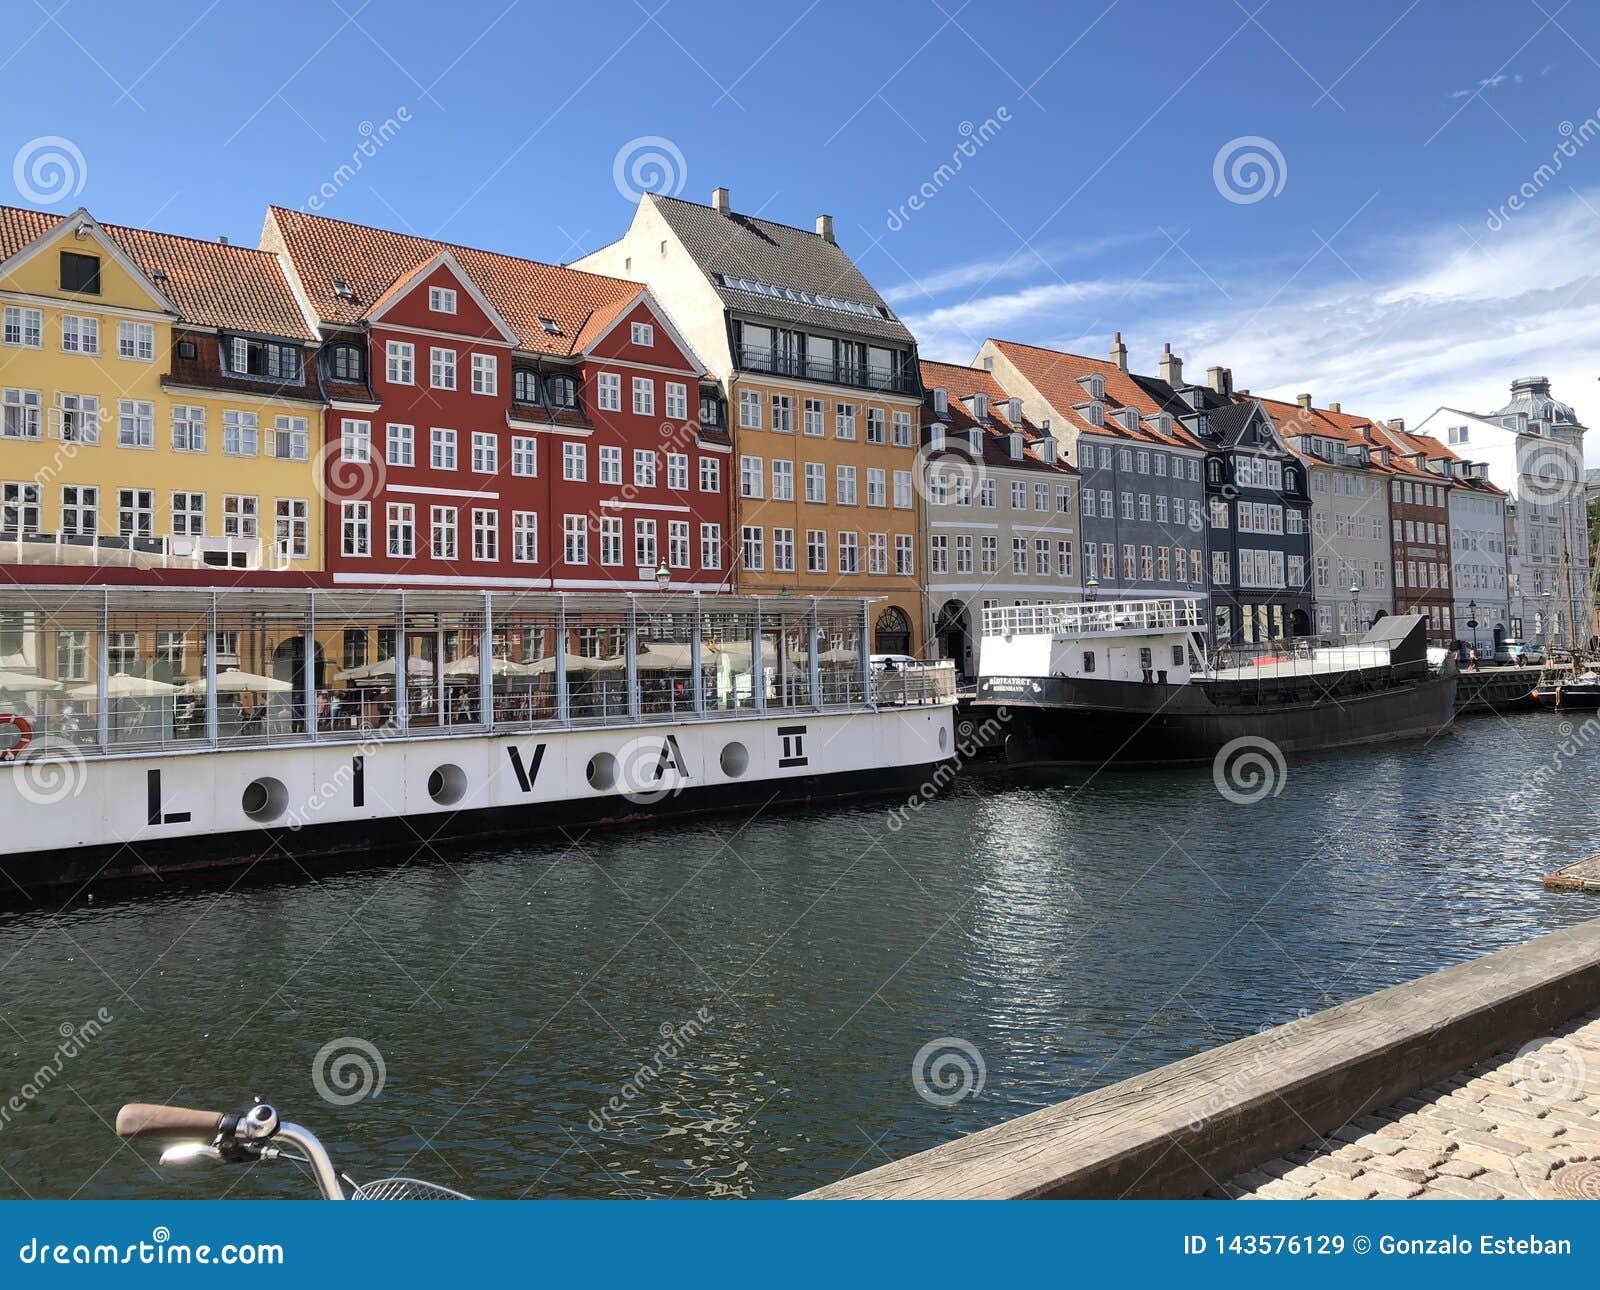 Beauty canal in Copenhagen